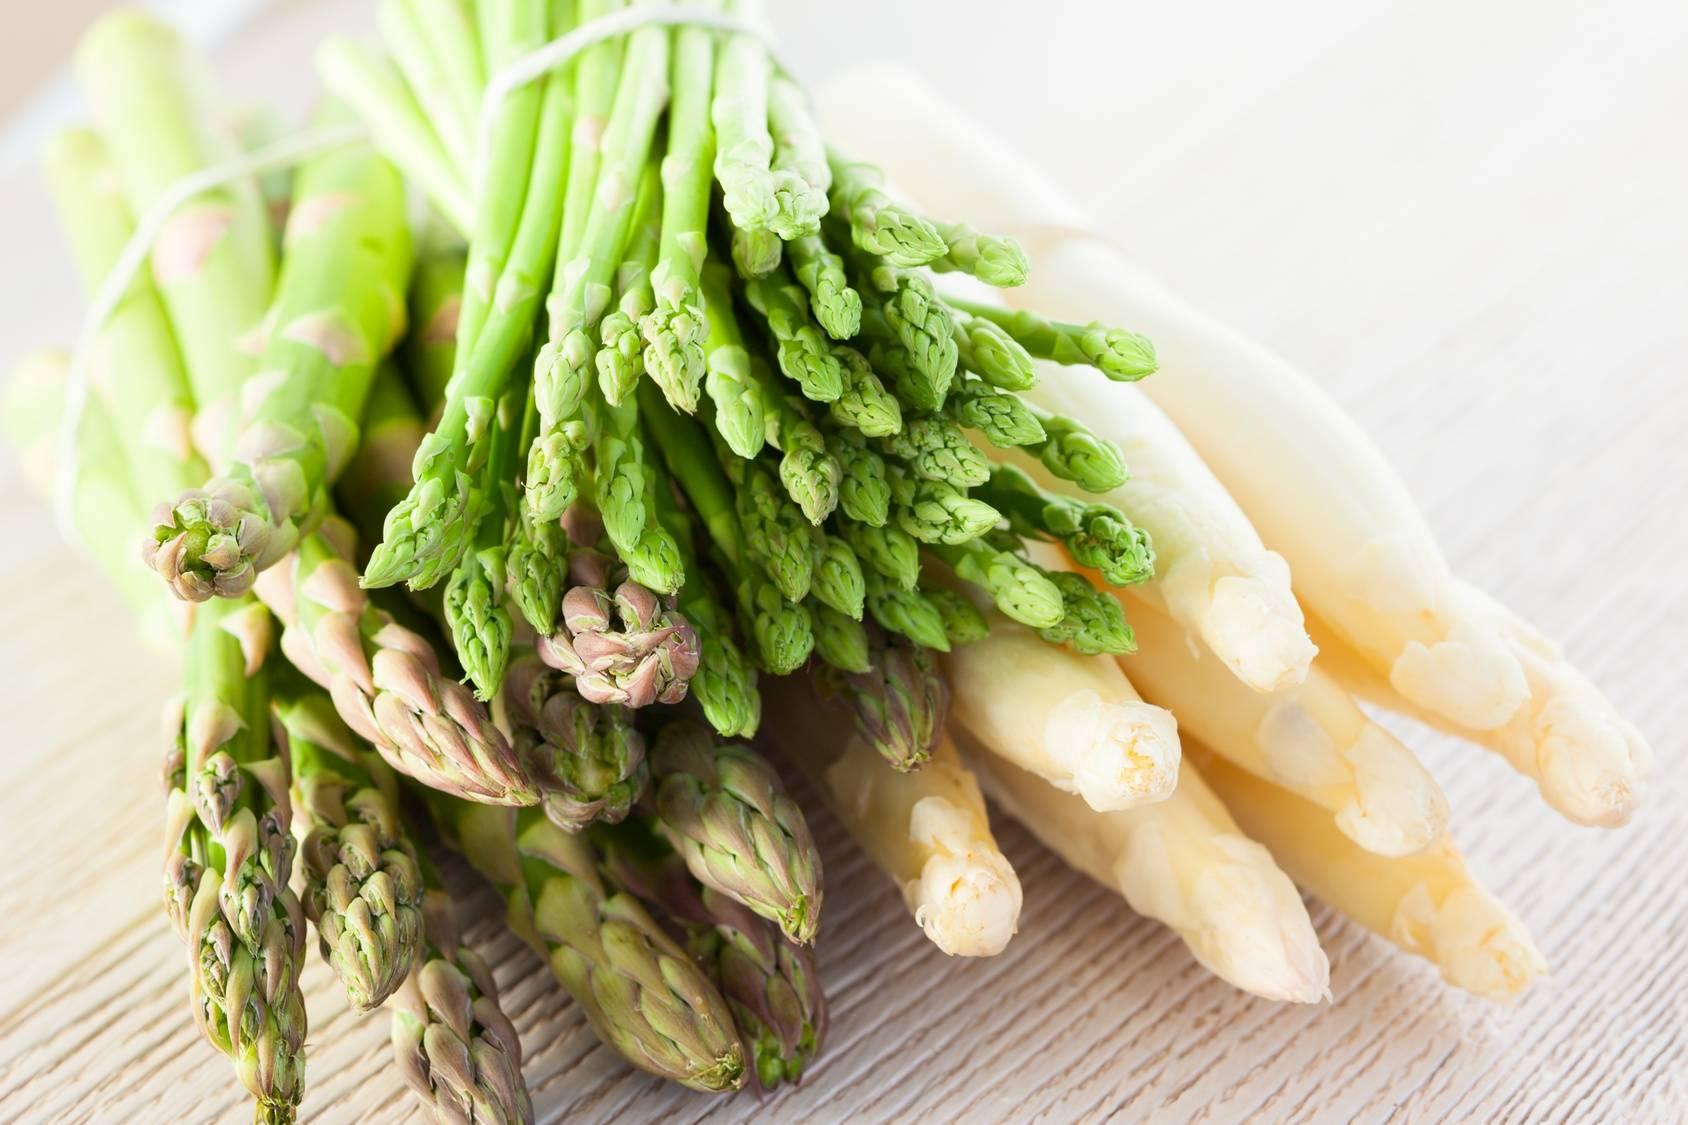 Białe i zielone szparagi - przepisy na dania.